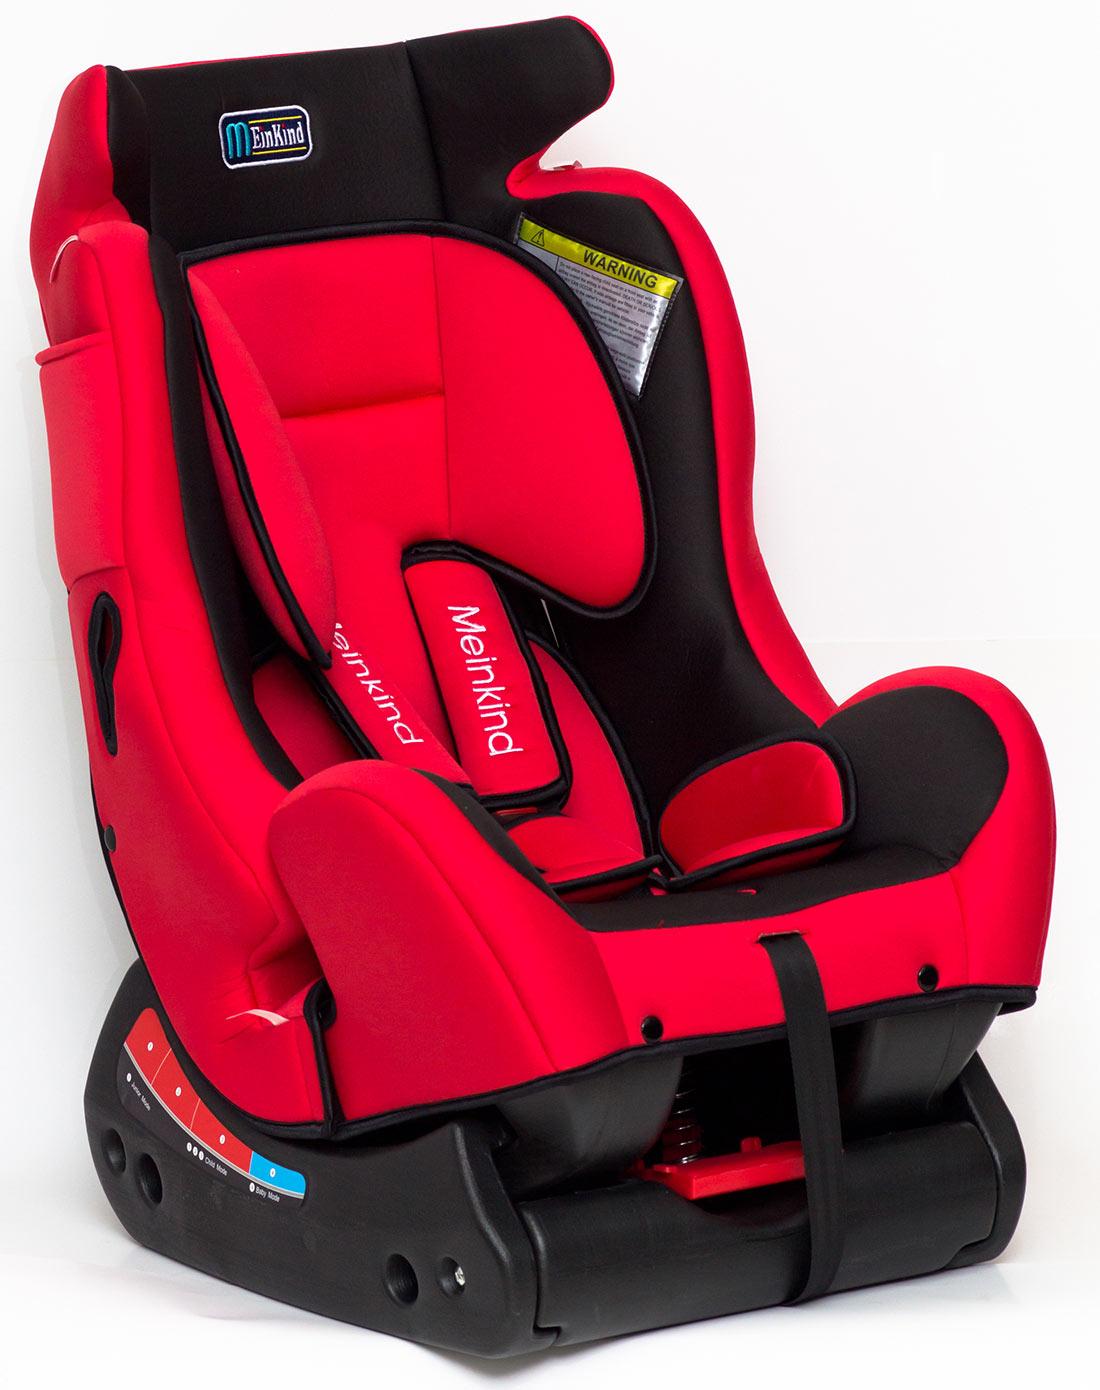 麦凯meinkind座椅儿童汽车安全座椅0-6岁s500-1b